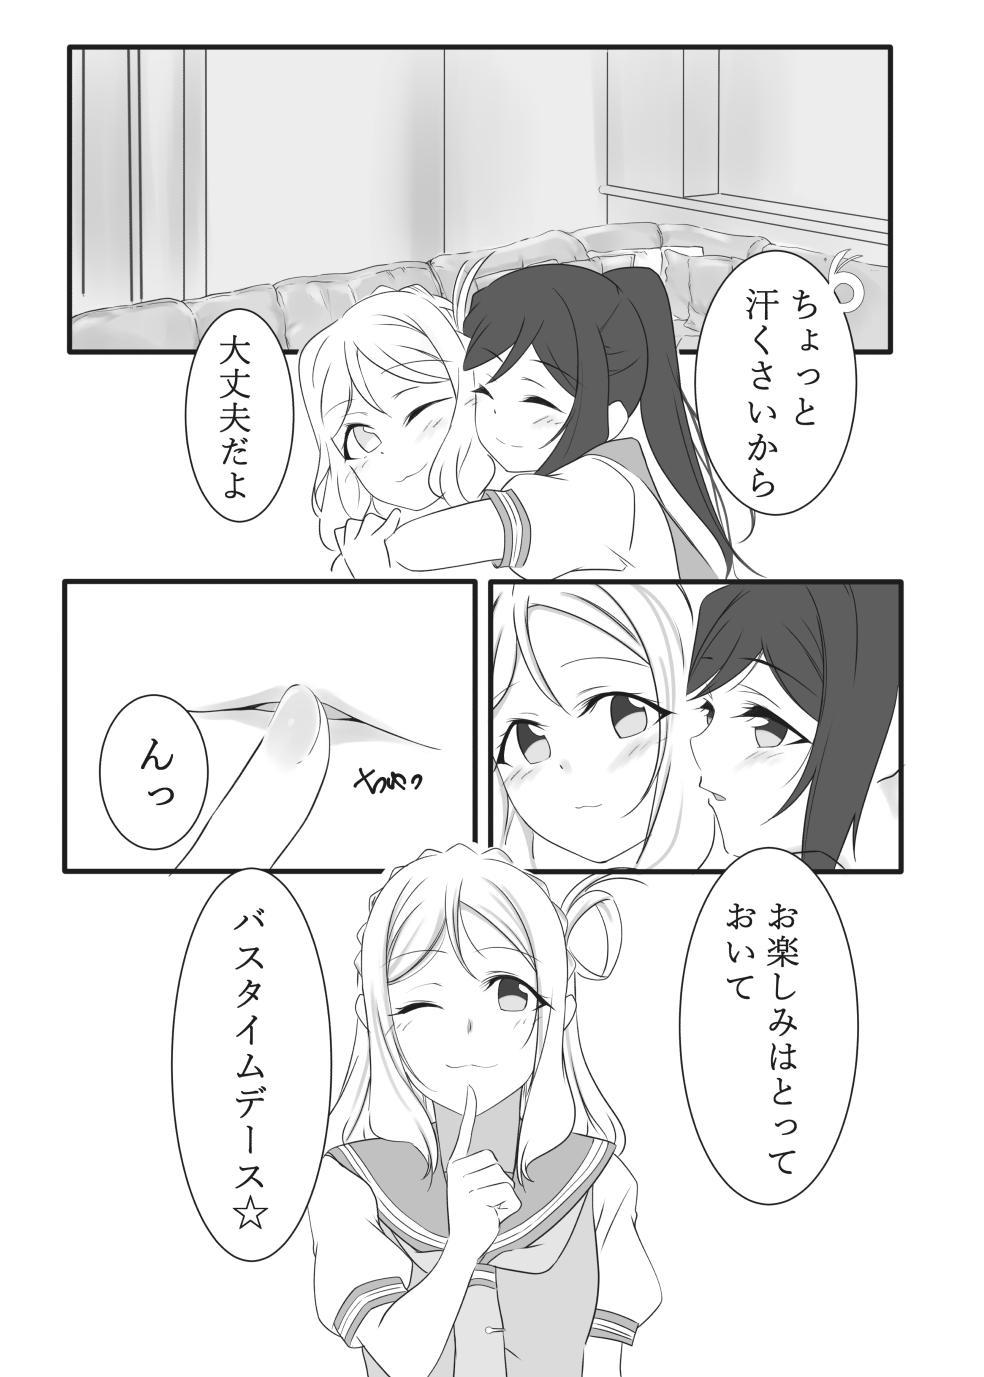 Fuwafuwa Amai 3